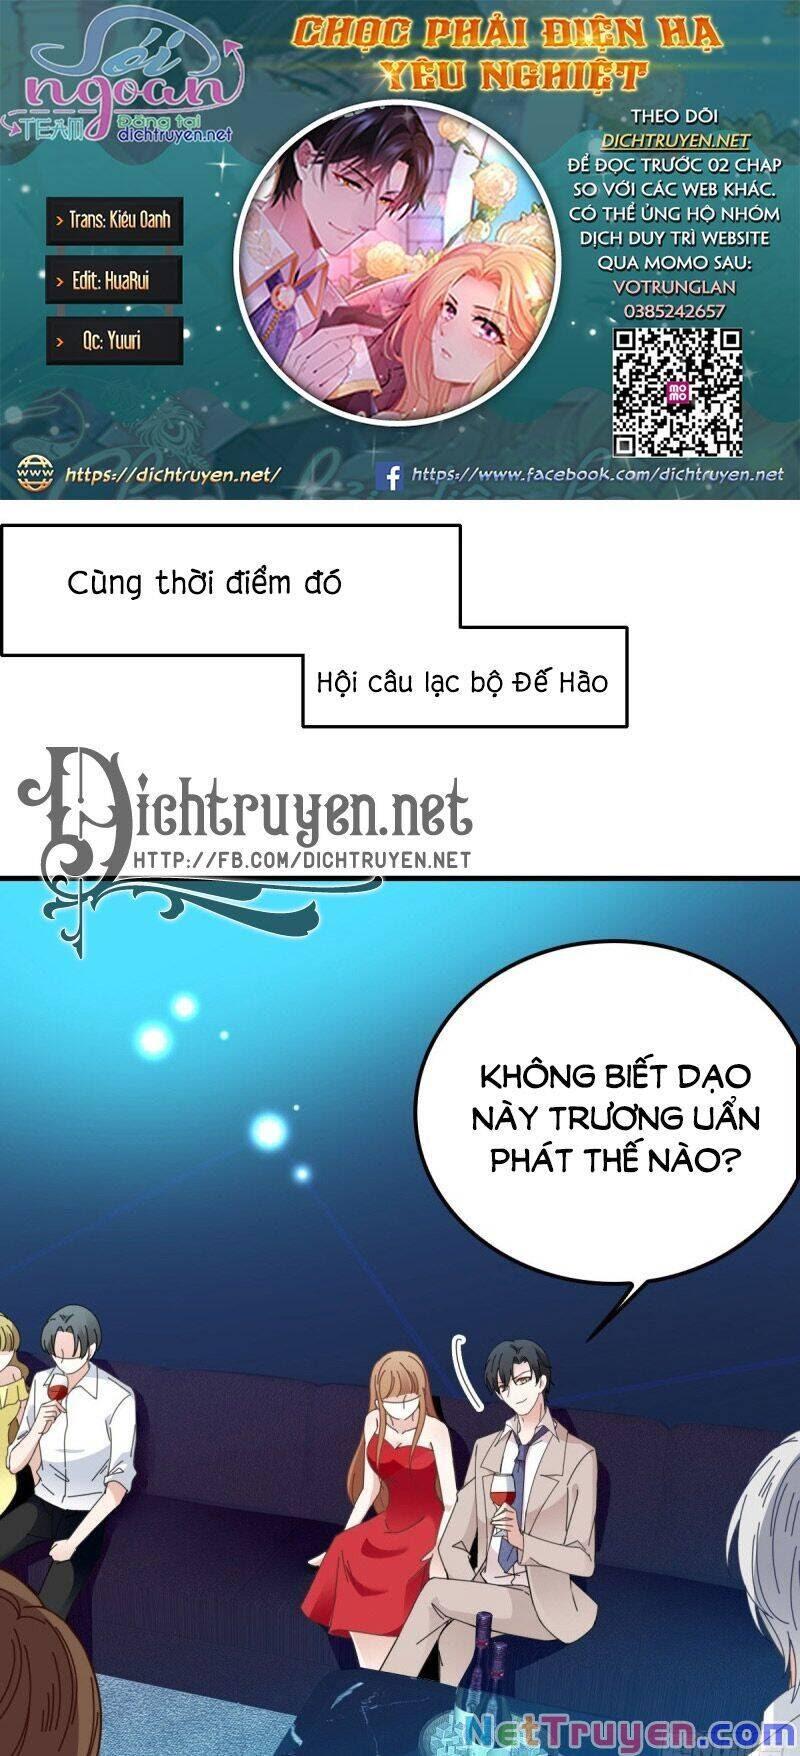 Chọc Phải Điện Hạ Yêu Nghiệt Chapter 68 - Trang 1